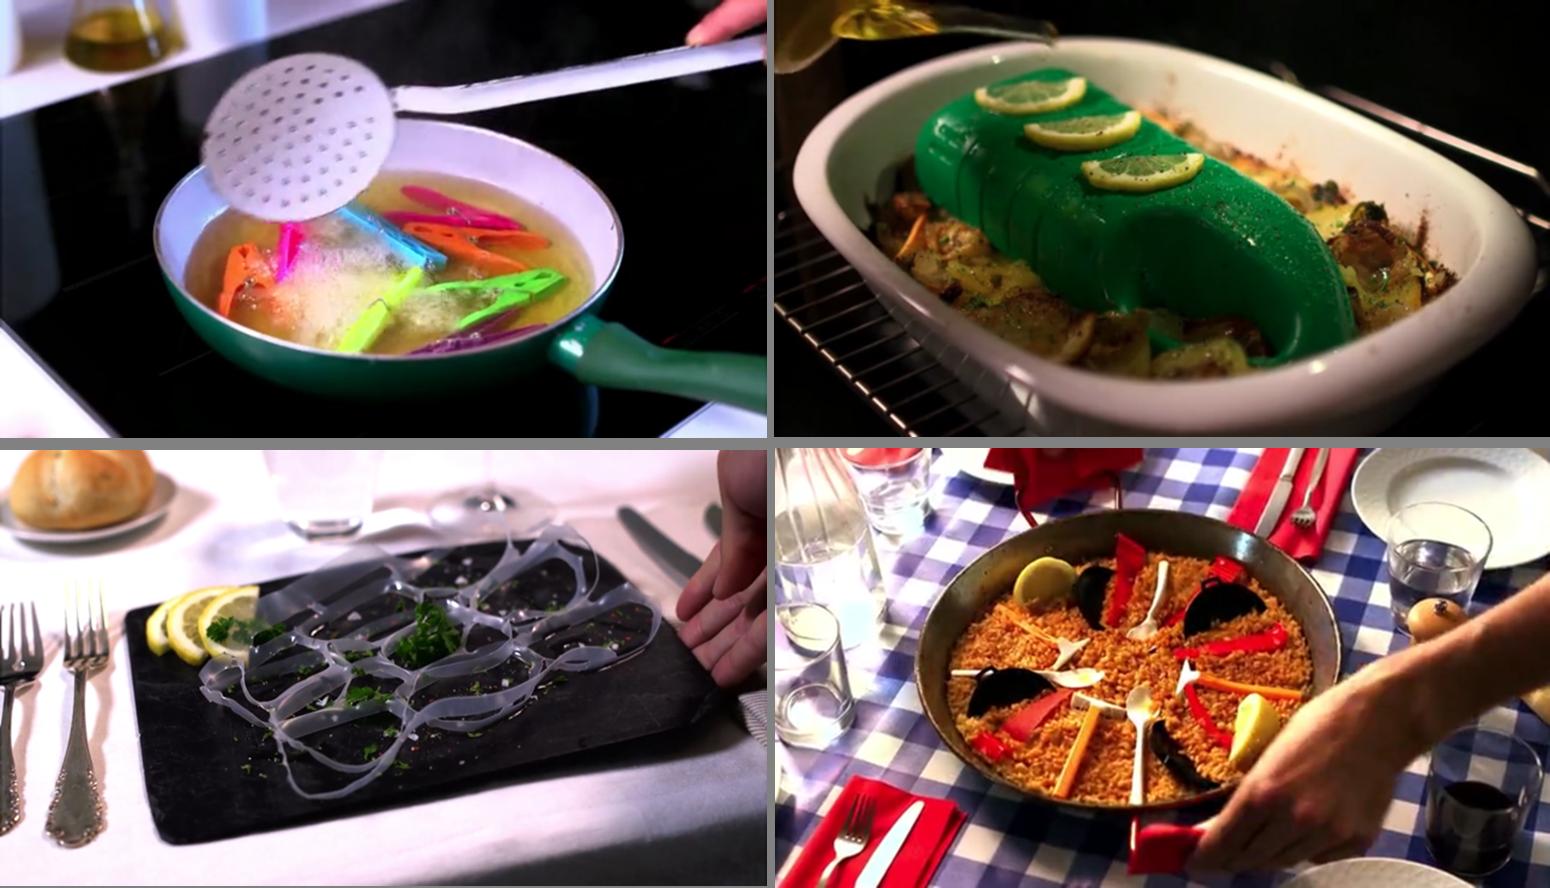 กล้ากินป่ะ? พลาสติกฟิวชั่นฟู้ด เมนูสุดพิเศษ…เสิร์ฟร้อนๆ จากท้องทะเล